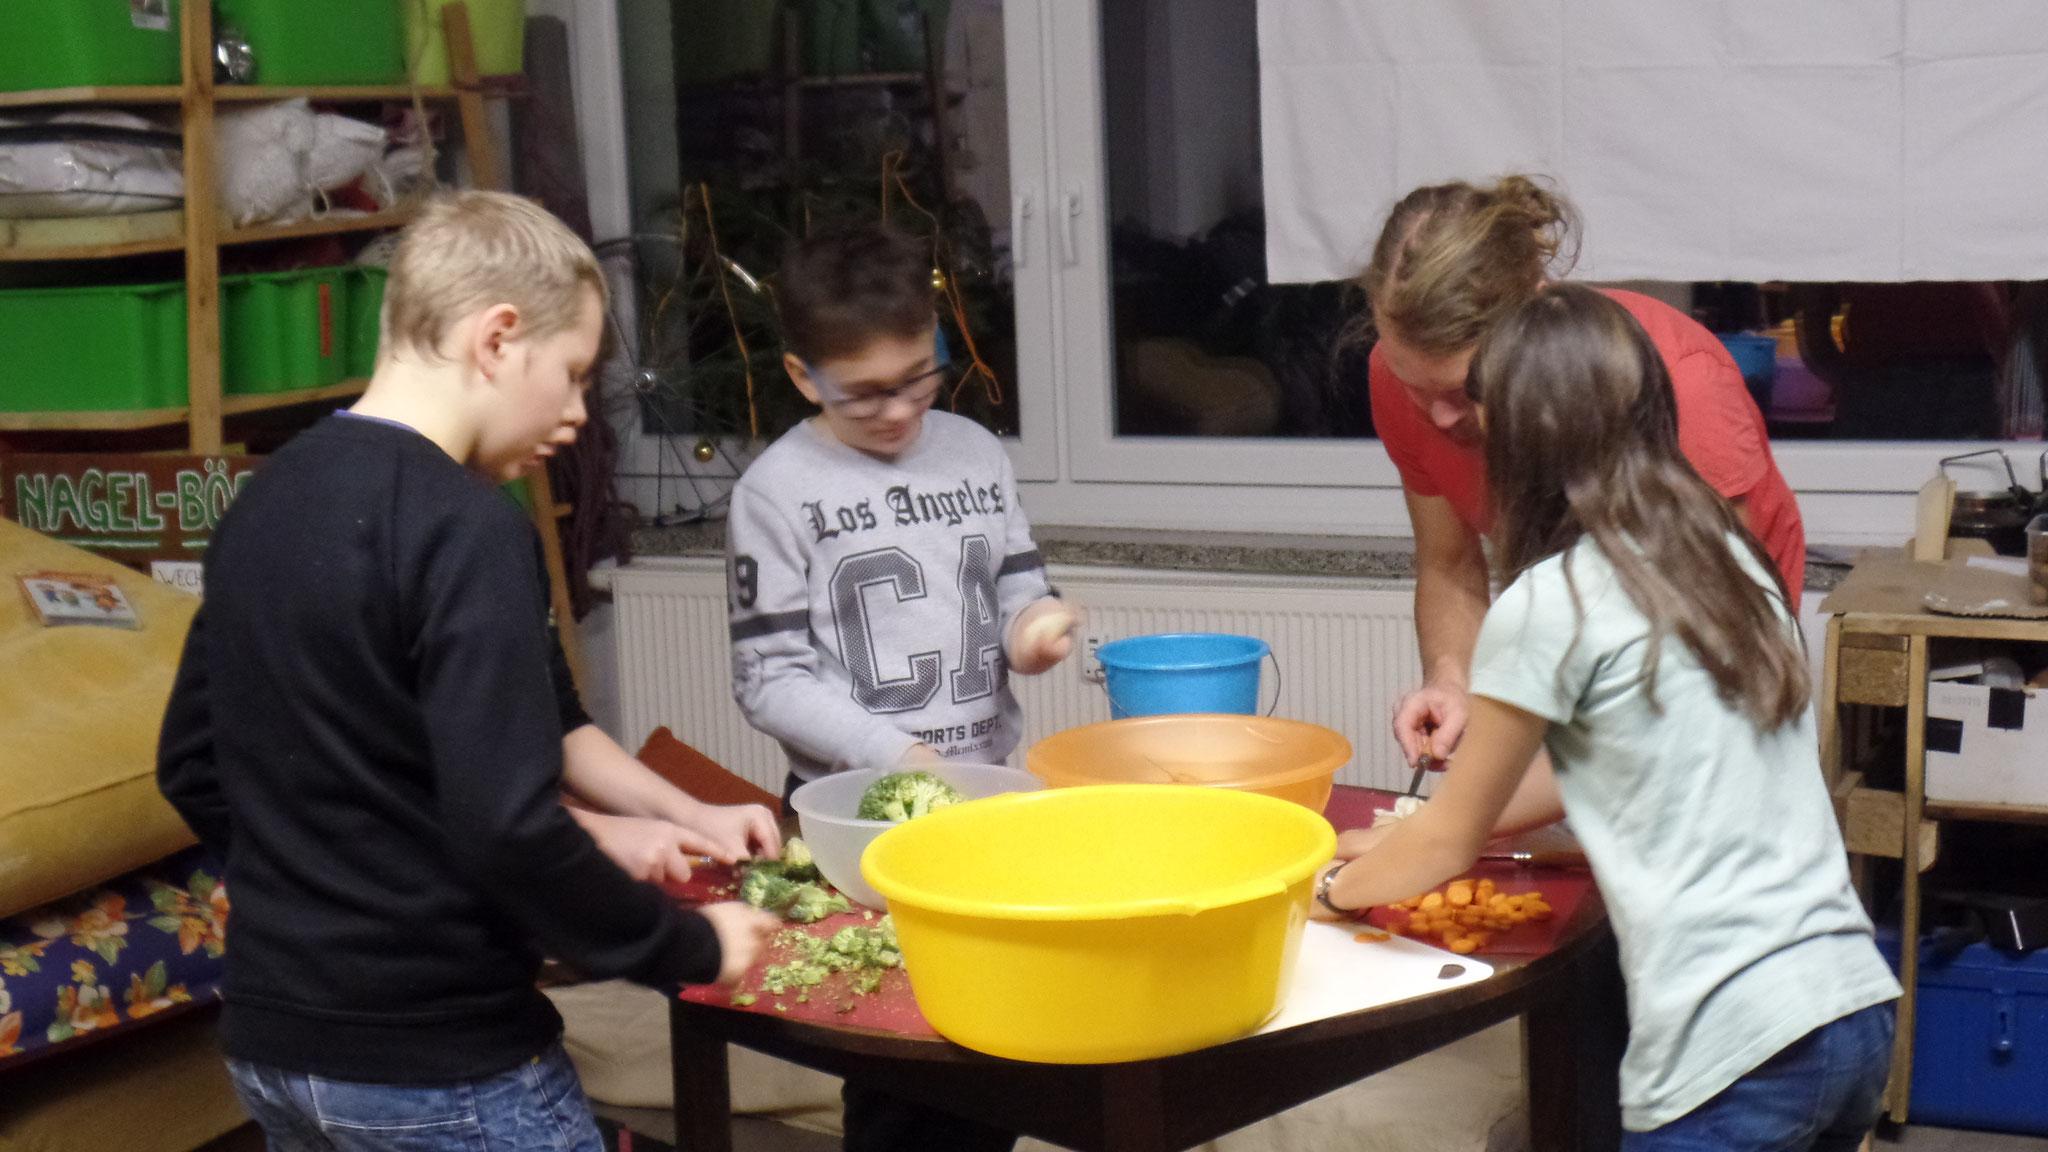 Auf Wunsch unserer lieben Kleinen sollte es dann Lasagne vom Lagerfeuer geben. Wer sich aber ein Essen wünscht, muss natürlich auch beim Schnippeln helfen.